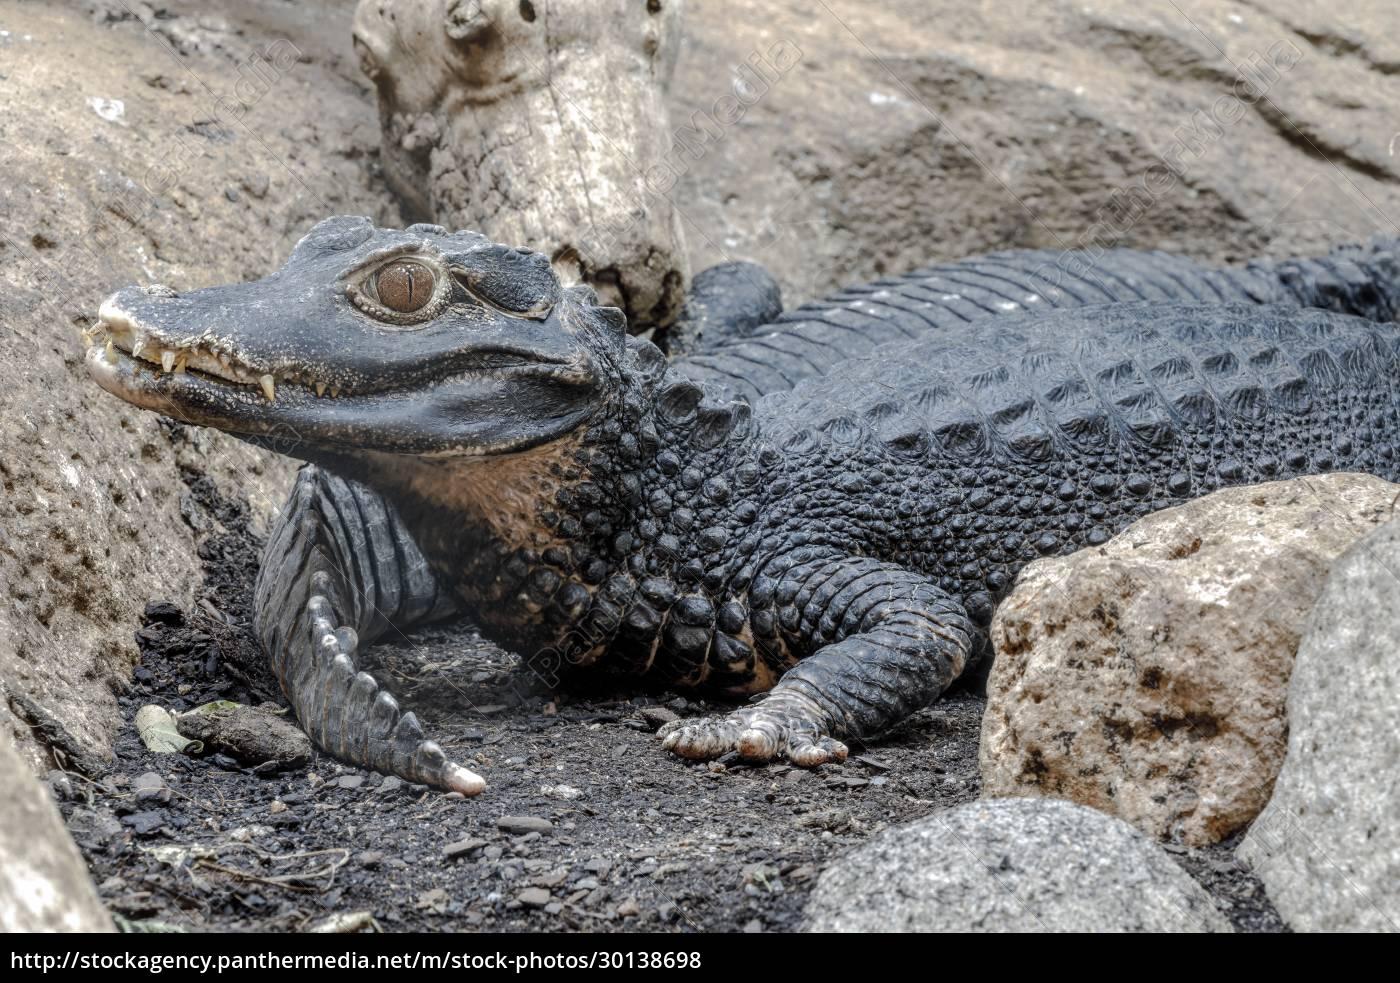 krokodilzähne, und, detail, des, auges, halb, versteckt - 30138698